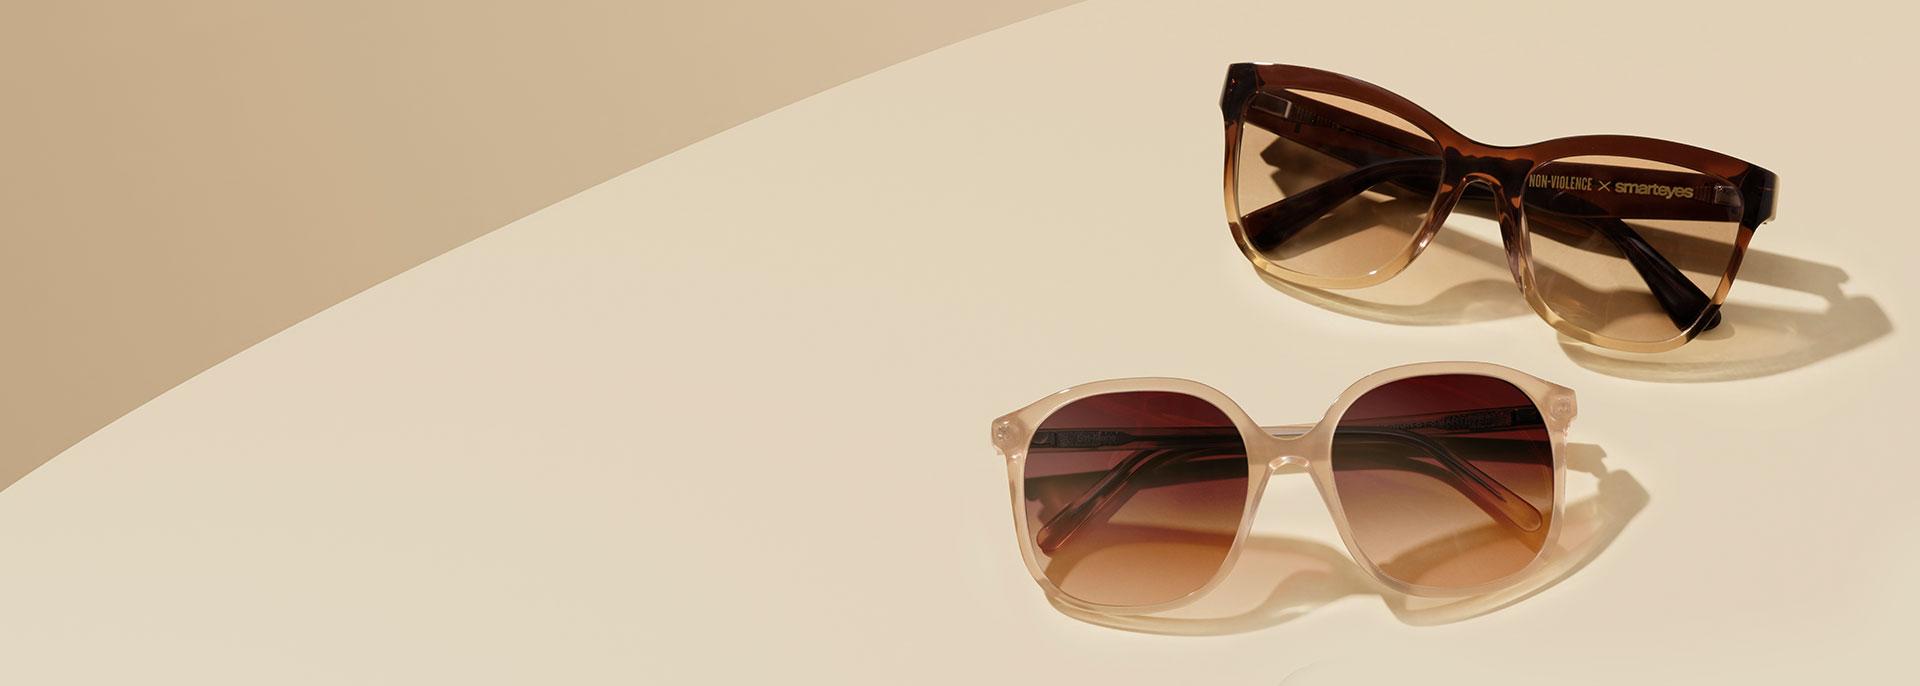 Solbriller fra Smarteyes